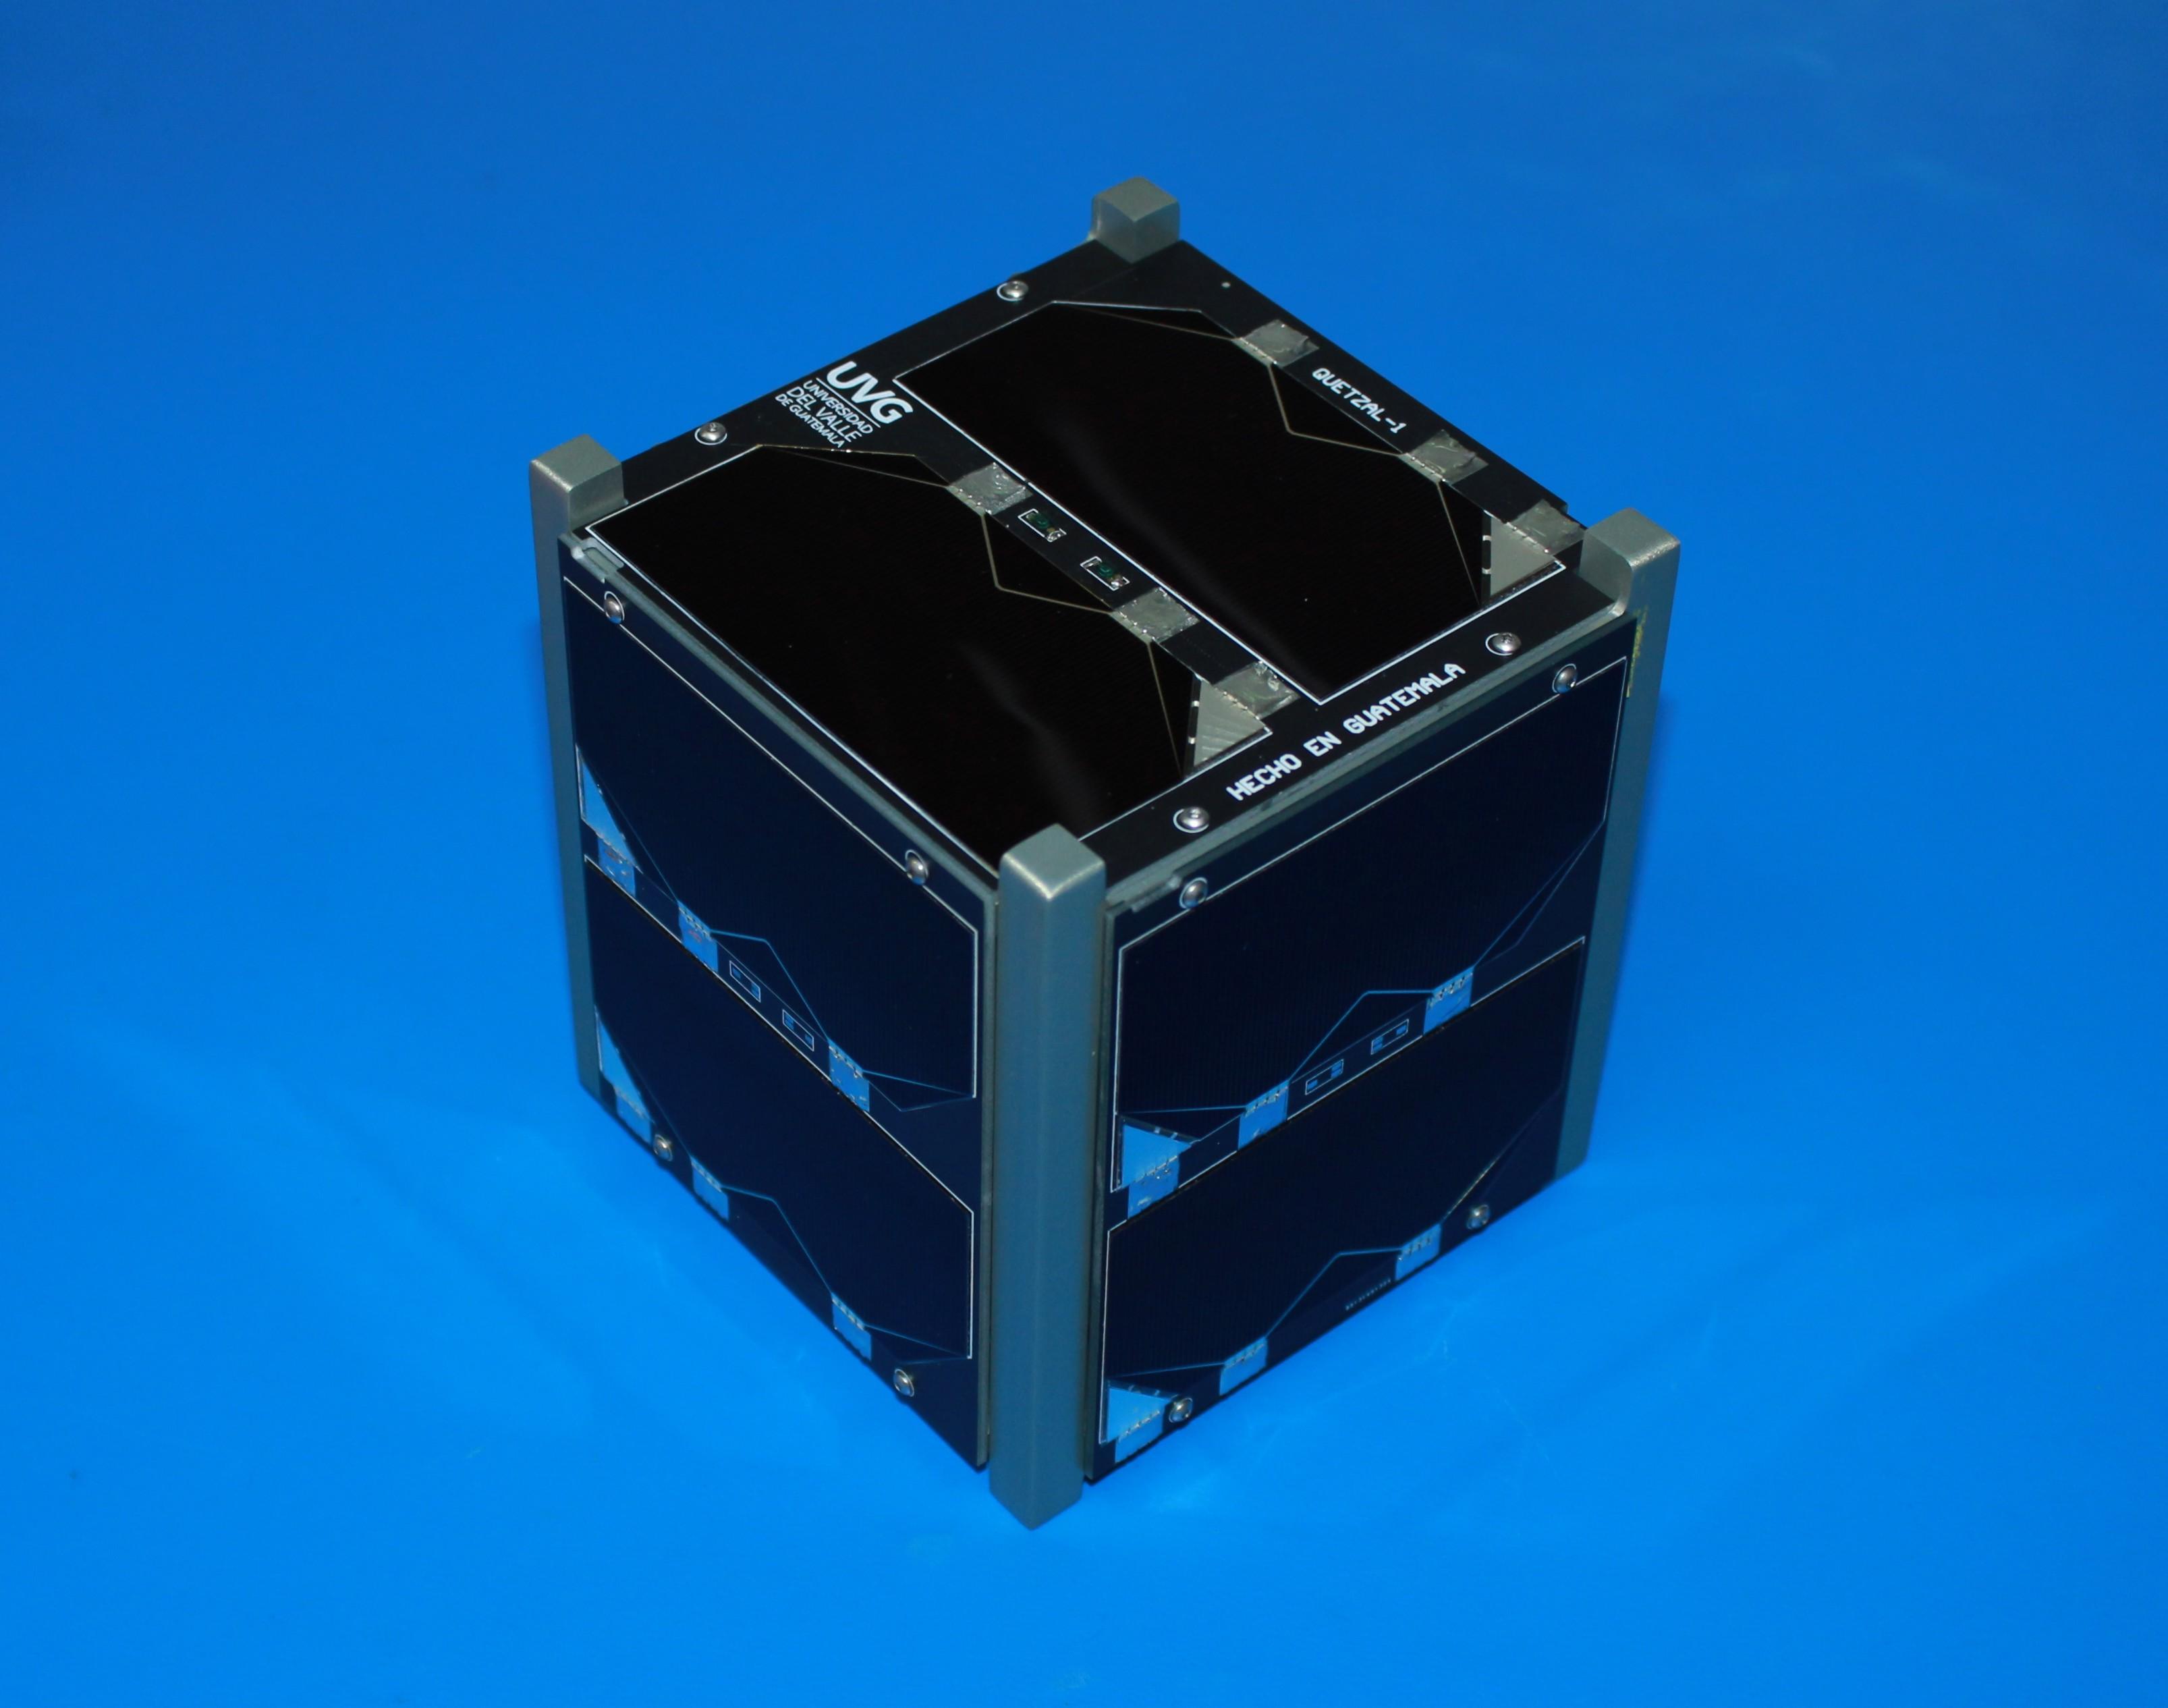 Quetzal-1, el primer satélite guatemalteco,   fue armado la semana pasada con sus paneles solares por primera vez. (Foto Prensa Libre, cortesía de Víctor Ayerdi)